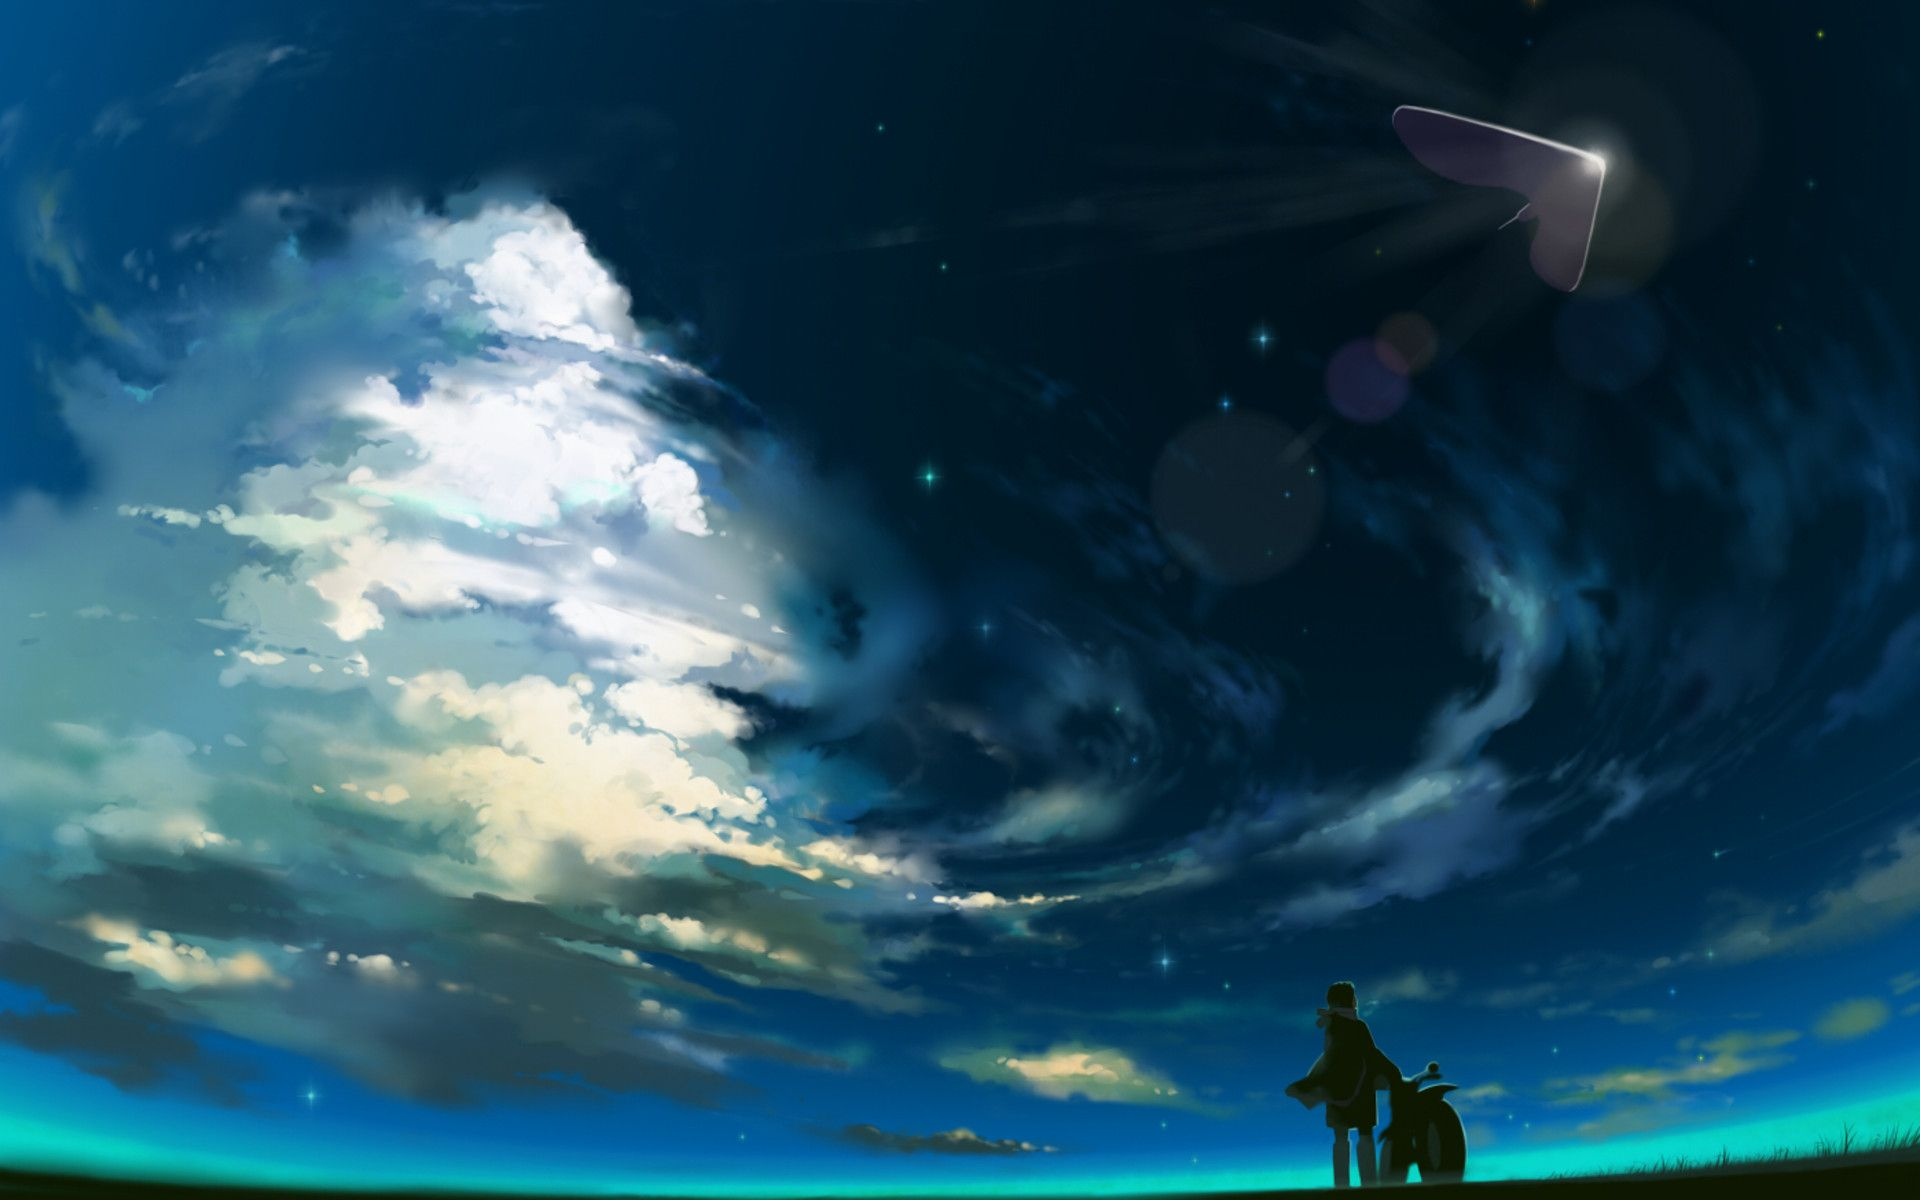 1920x1200 Beautiful Anime Scenery Wallpaper Anime Scenery Wallpaper Anime Scenery Anime Backgrounds Wallpapers